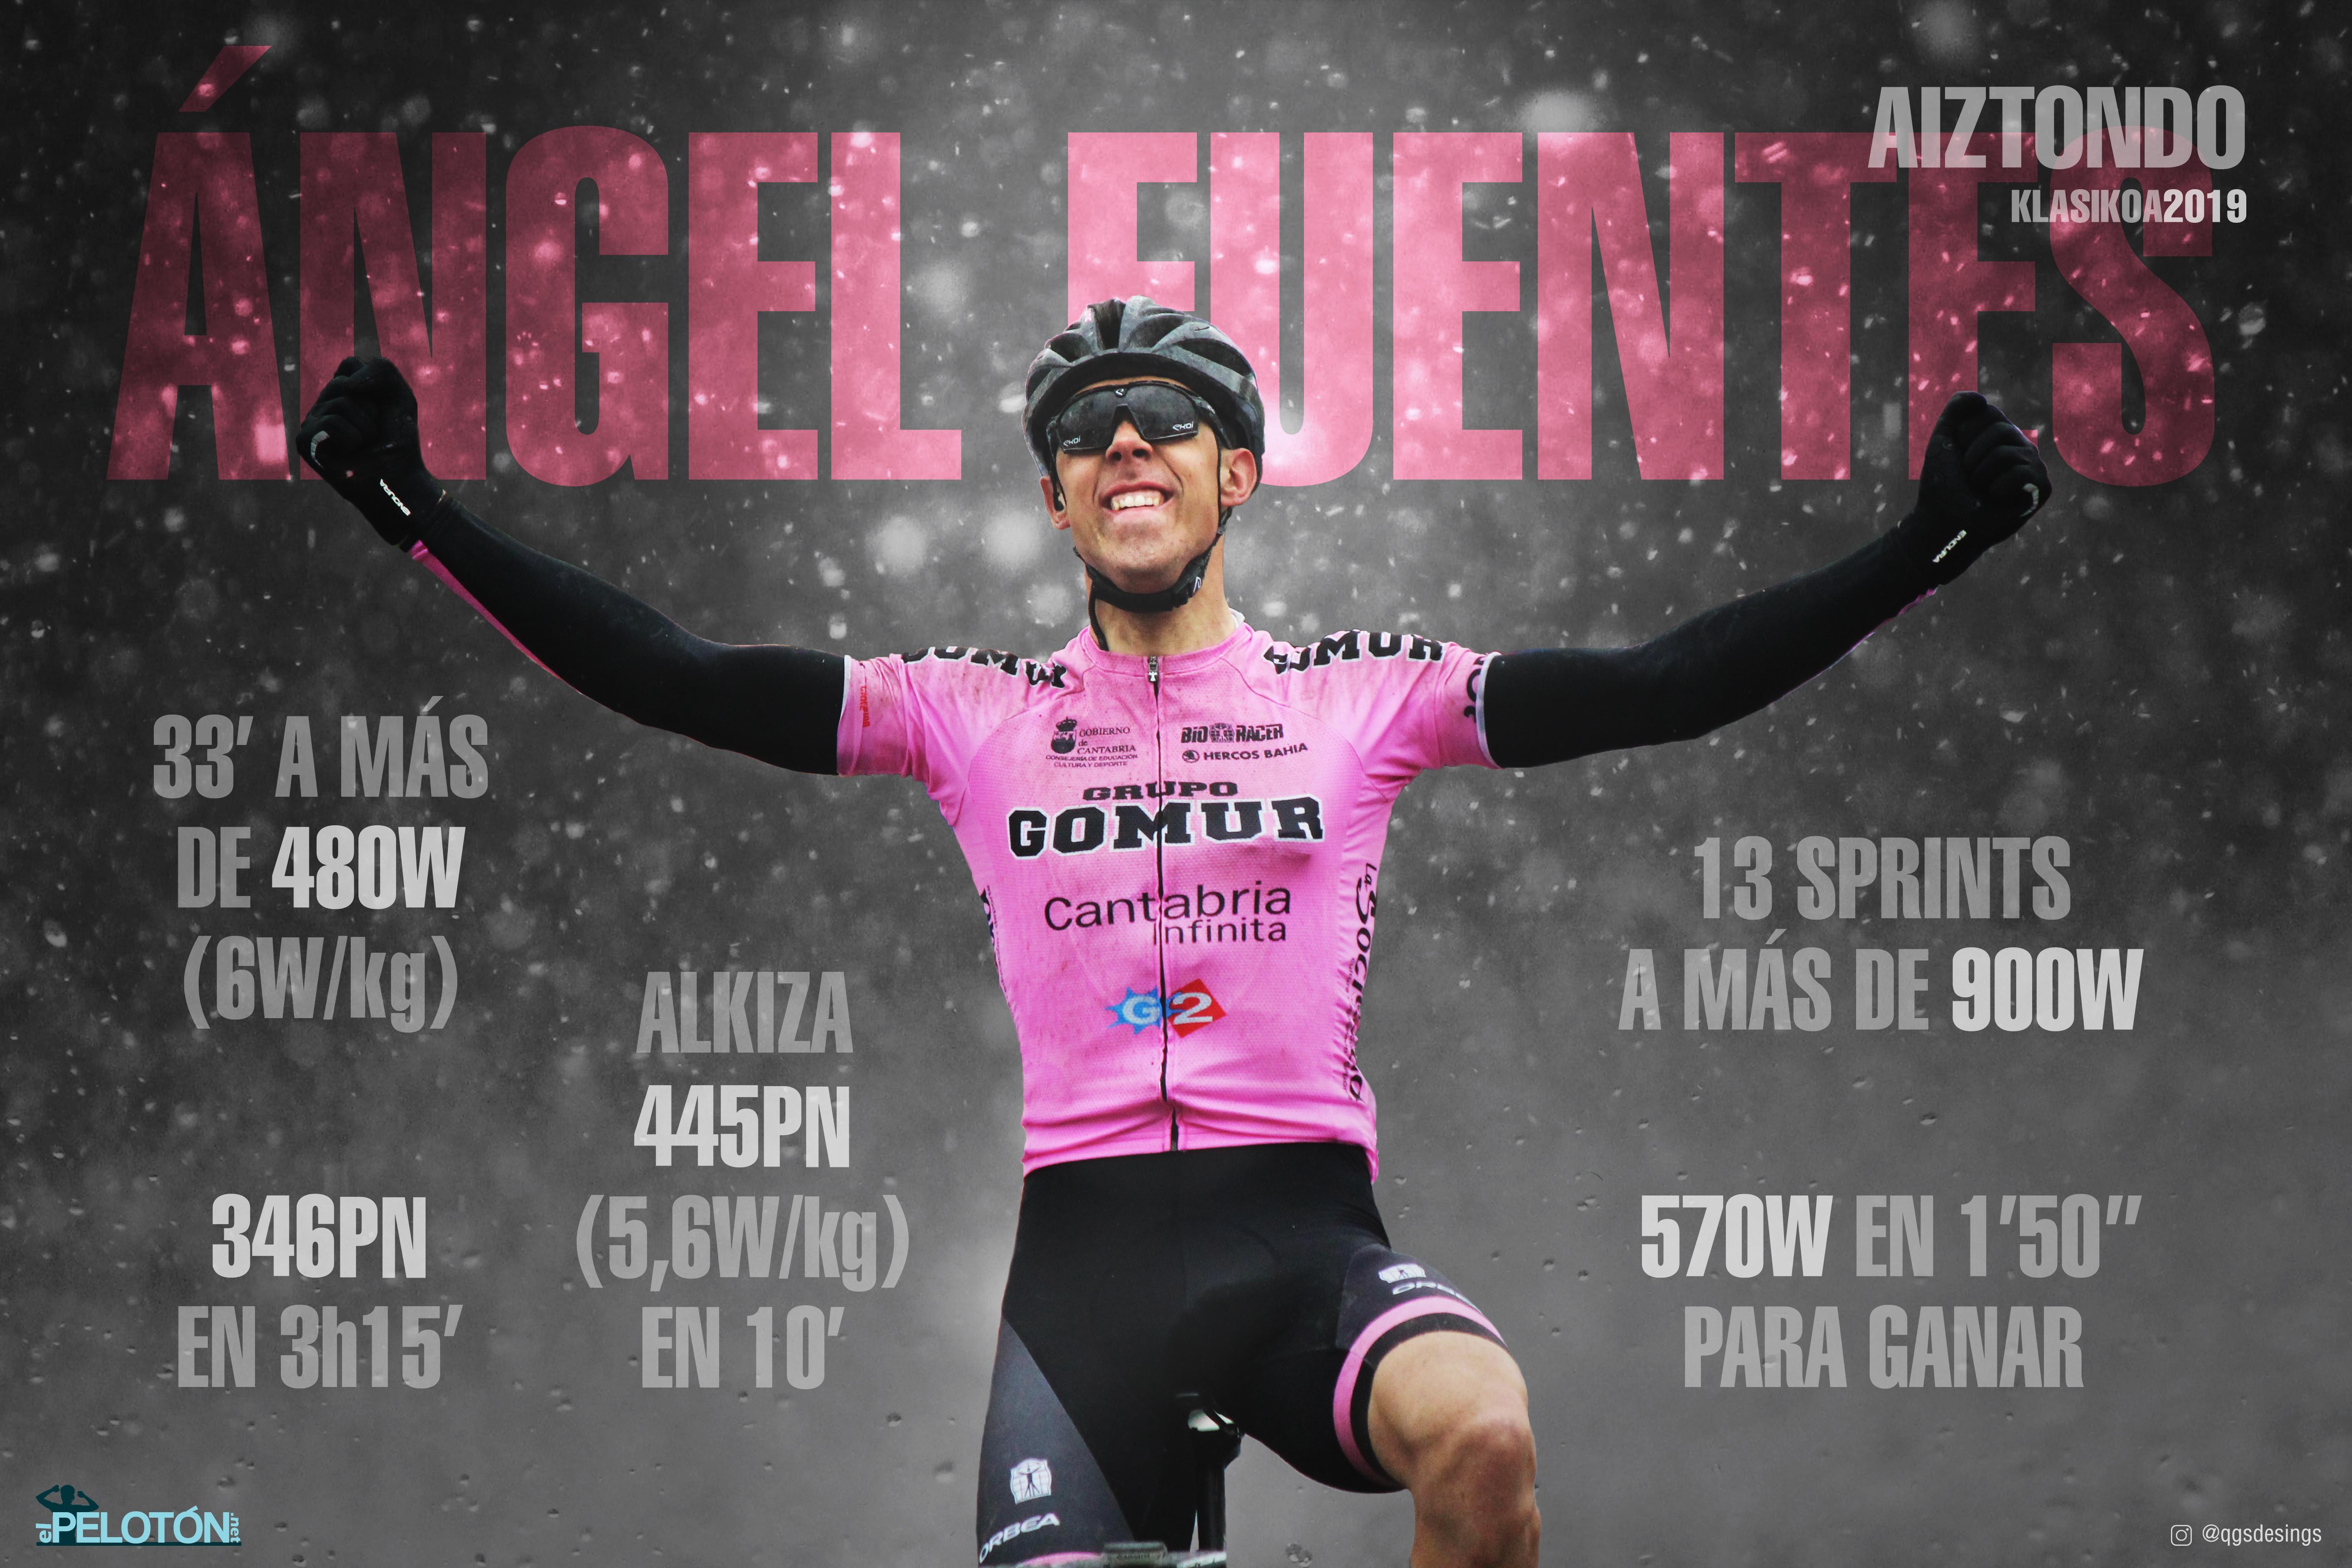 Ángel Fuentes Aiztondo datos